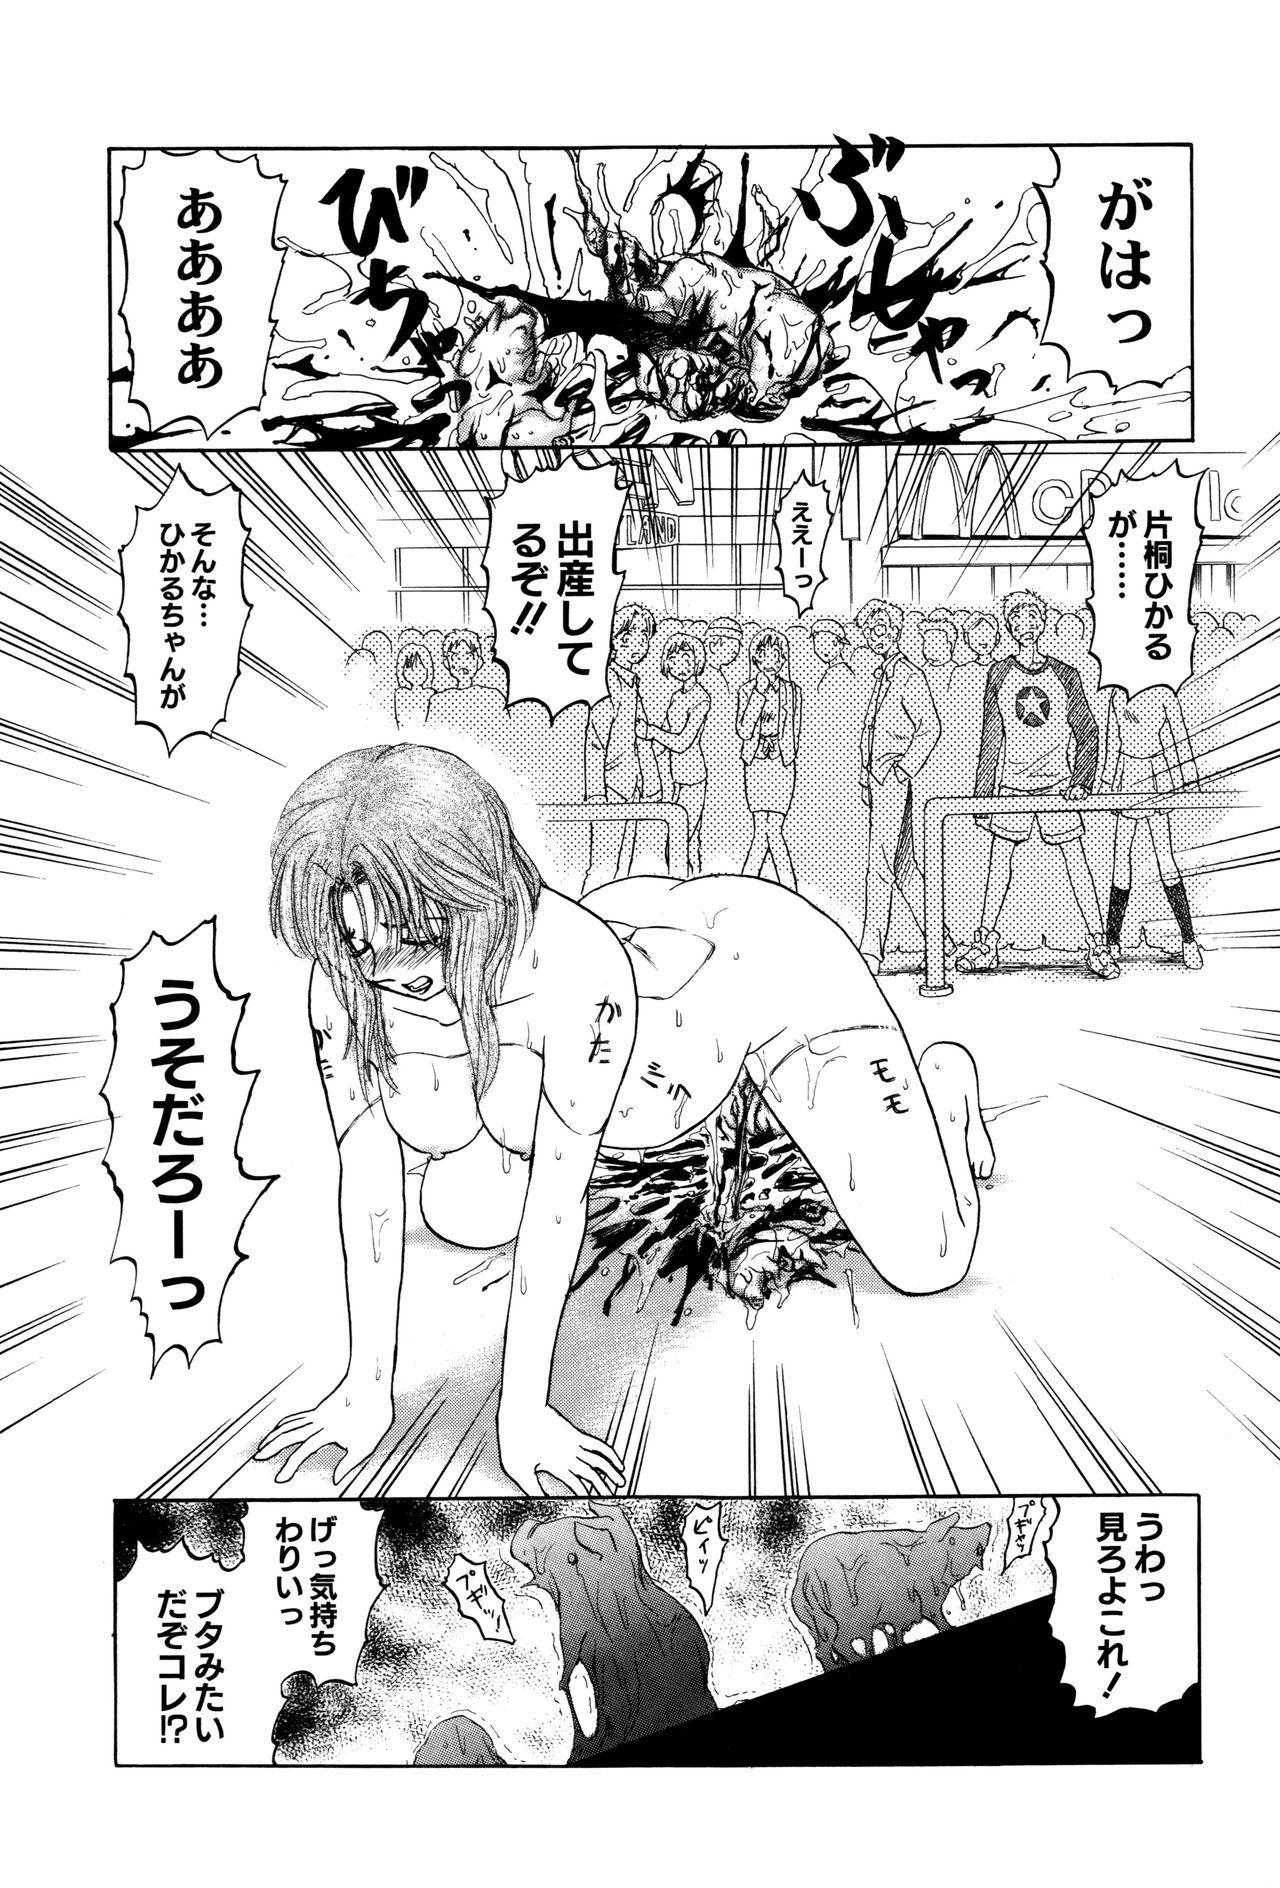 Chishigoyomi 159